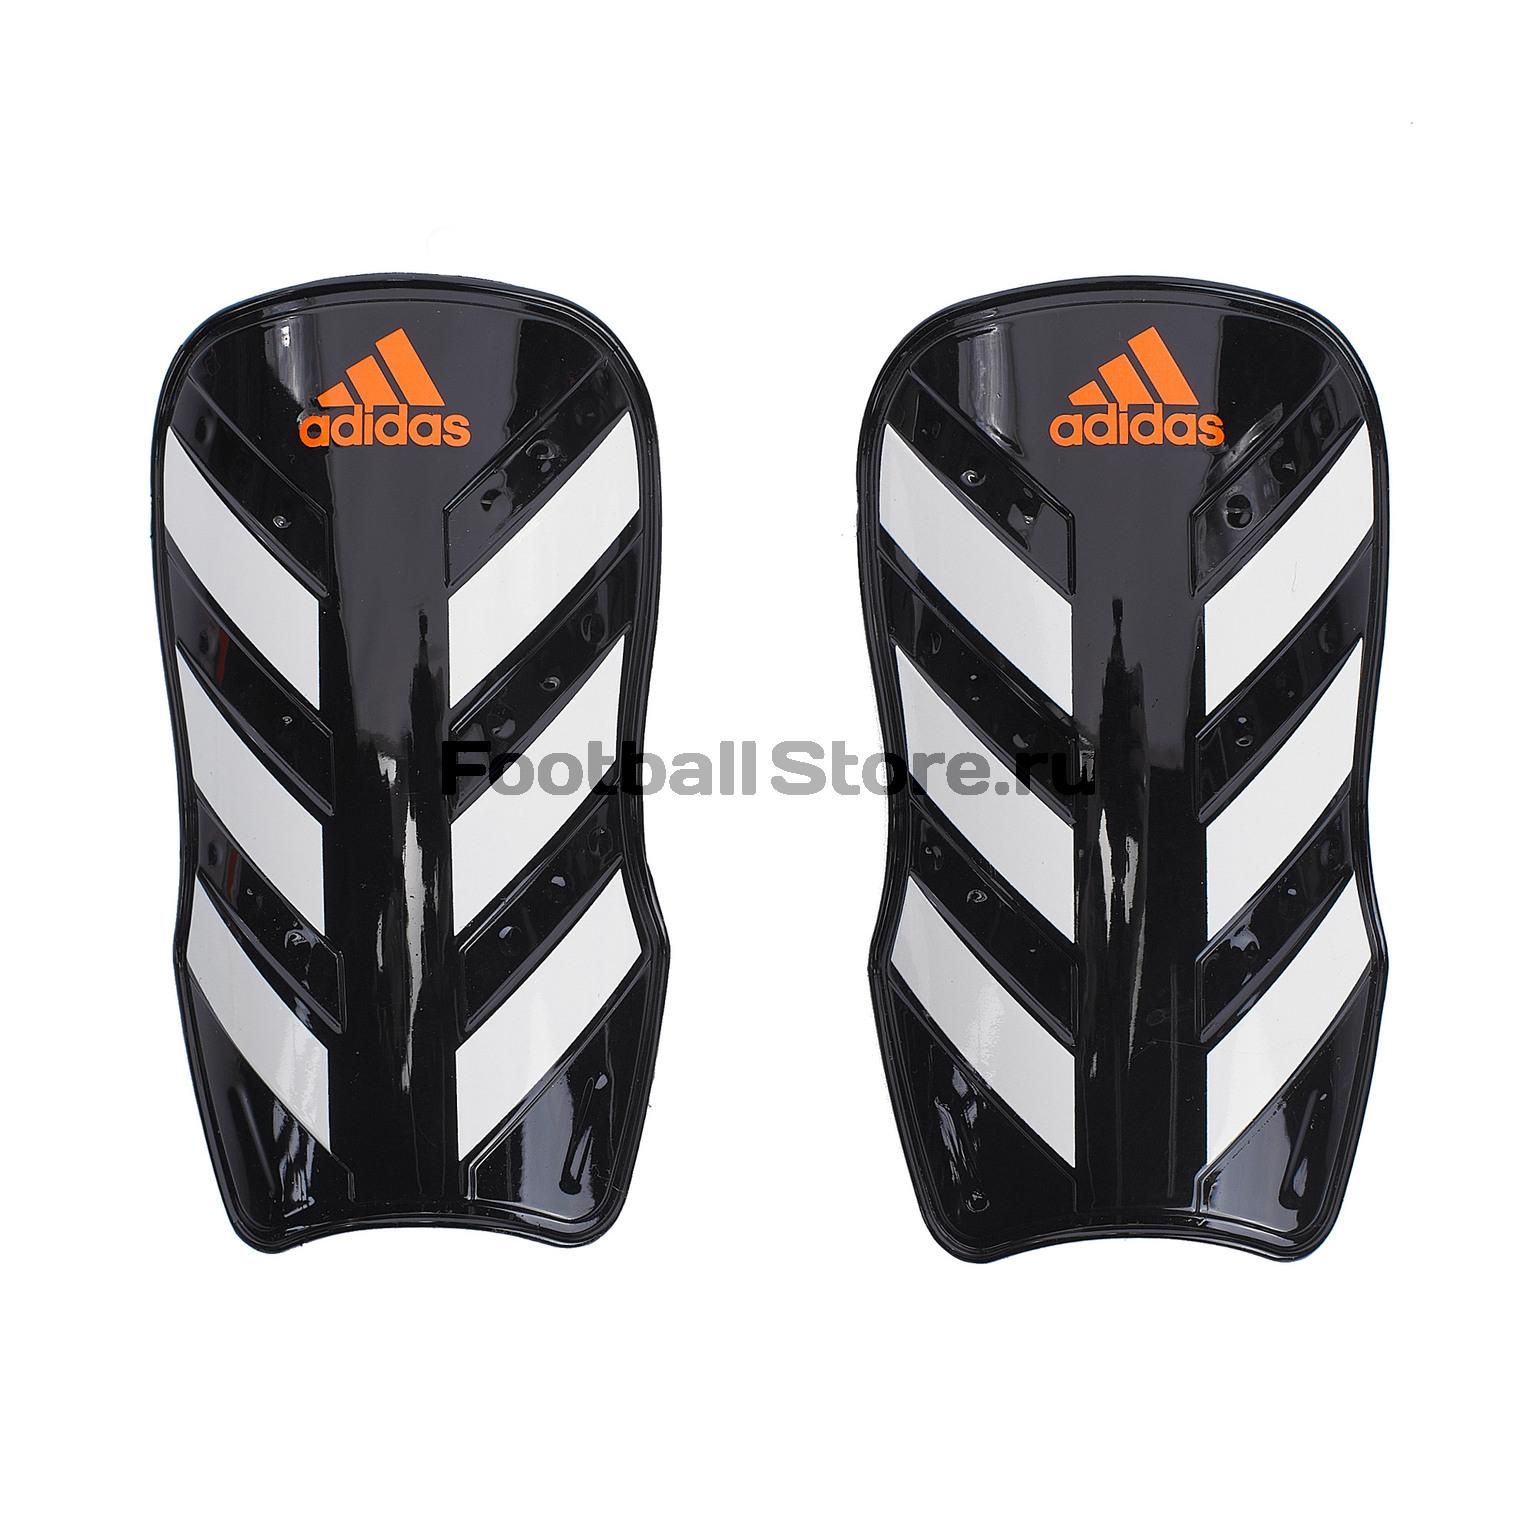 Щитки Adidas Everlesto CW5562 щитки adidas evertomic cw5565 черный размер m